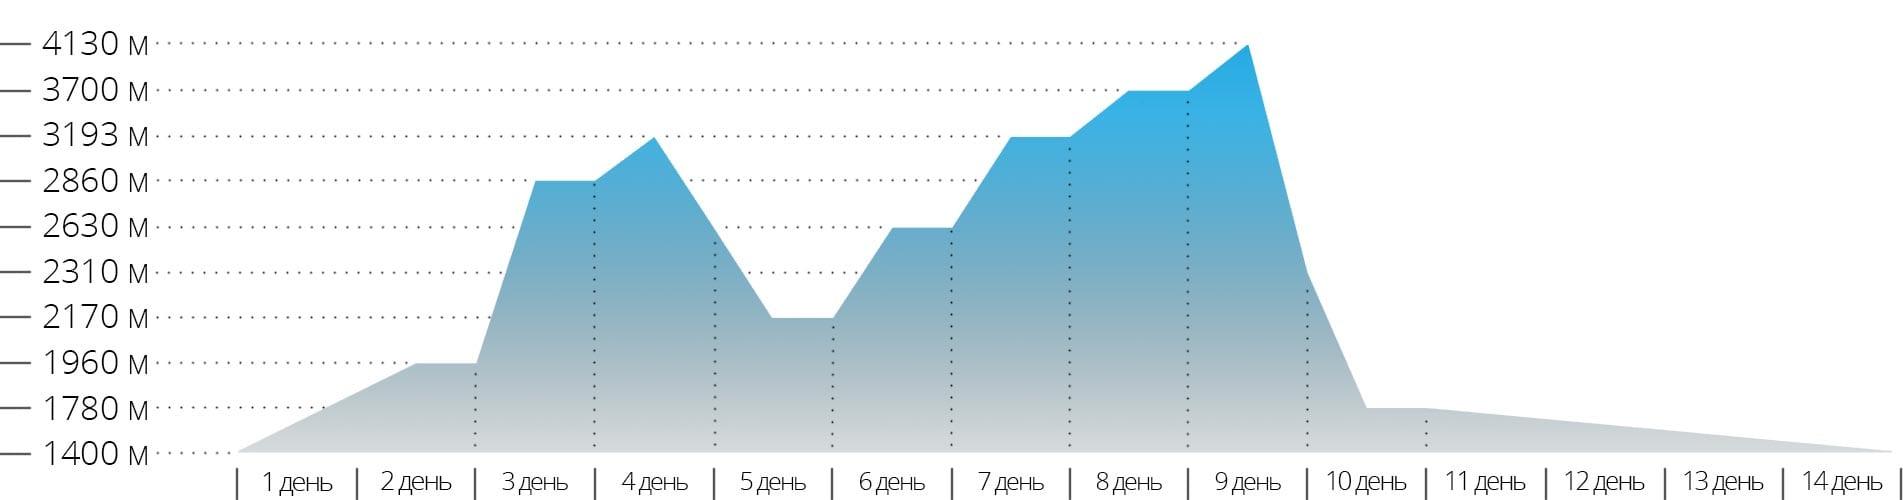 Акклиматизационный график для треккинга к Аннапурне